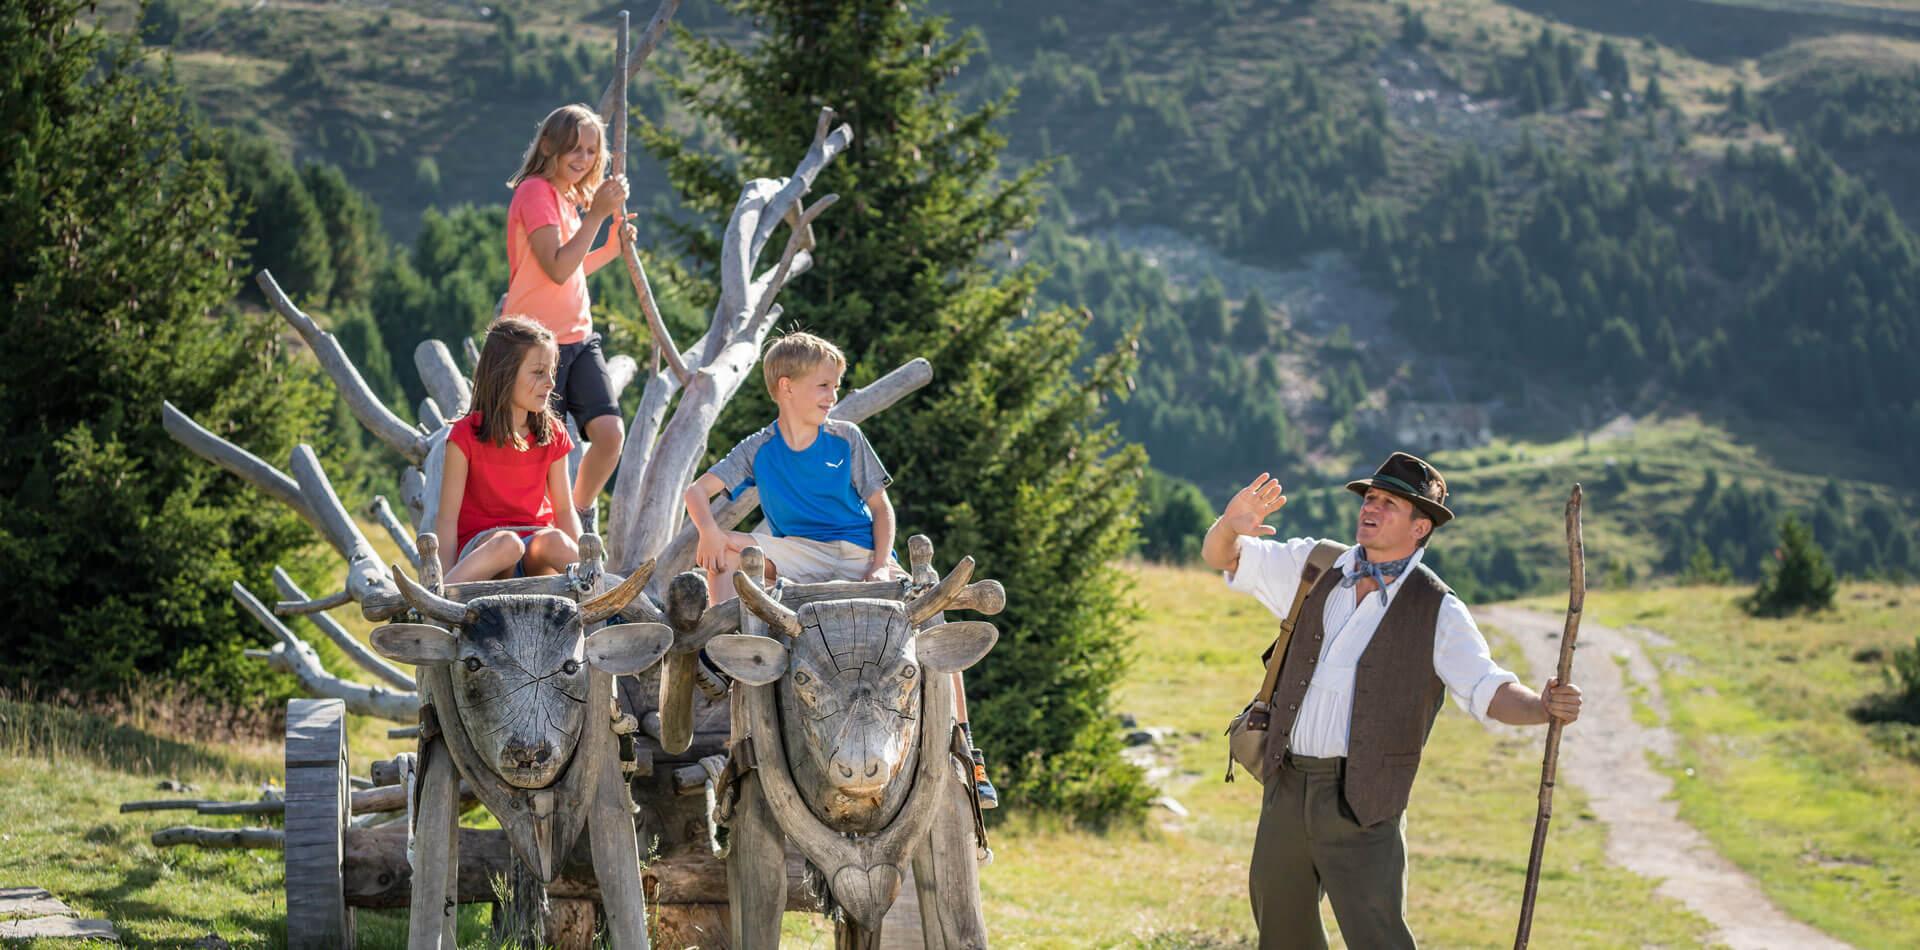 Familienurlaub auf dem Bauernhof - Südtirol